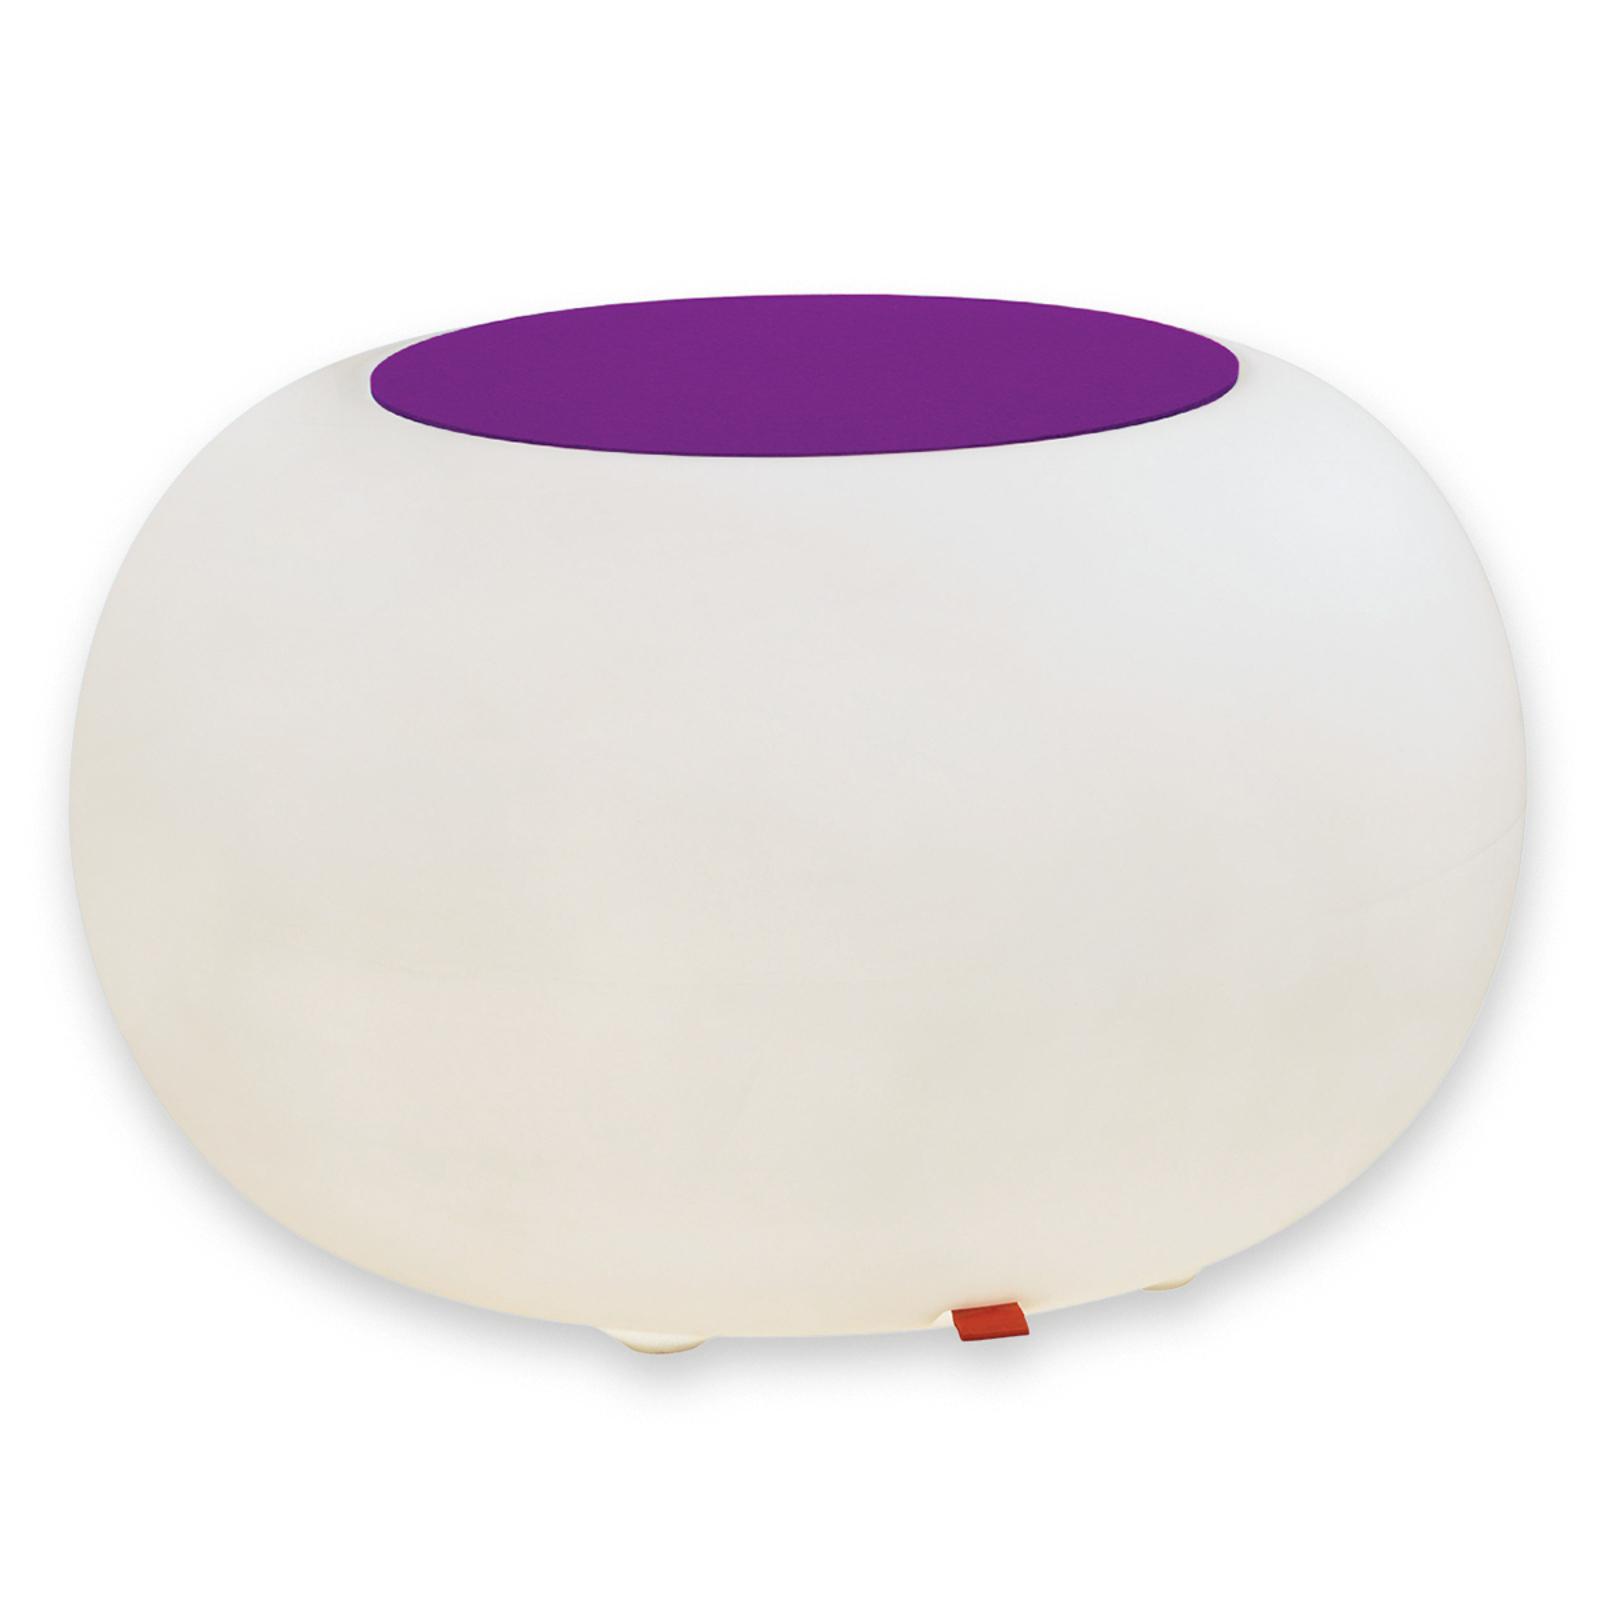 Table d'appoint BUBBLE LED RVB avec feutre violet